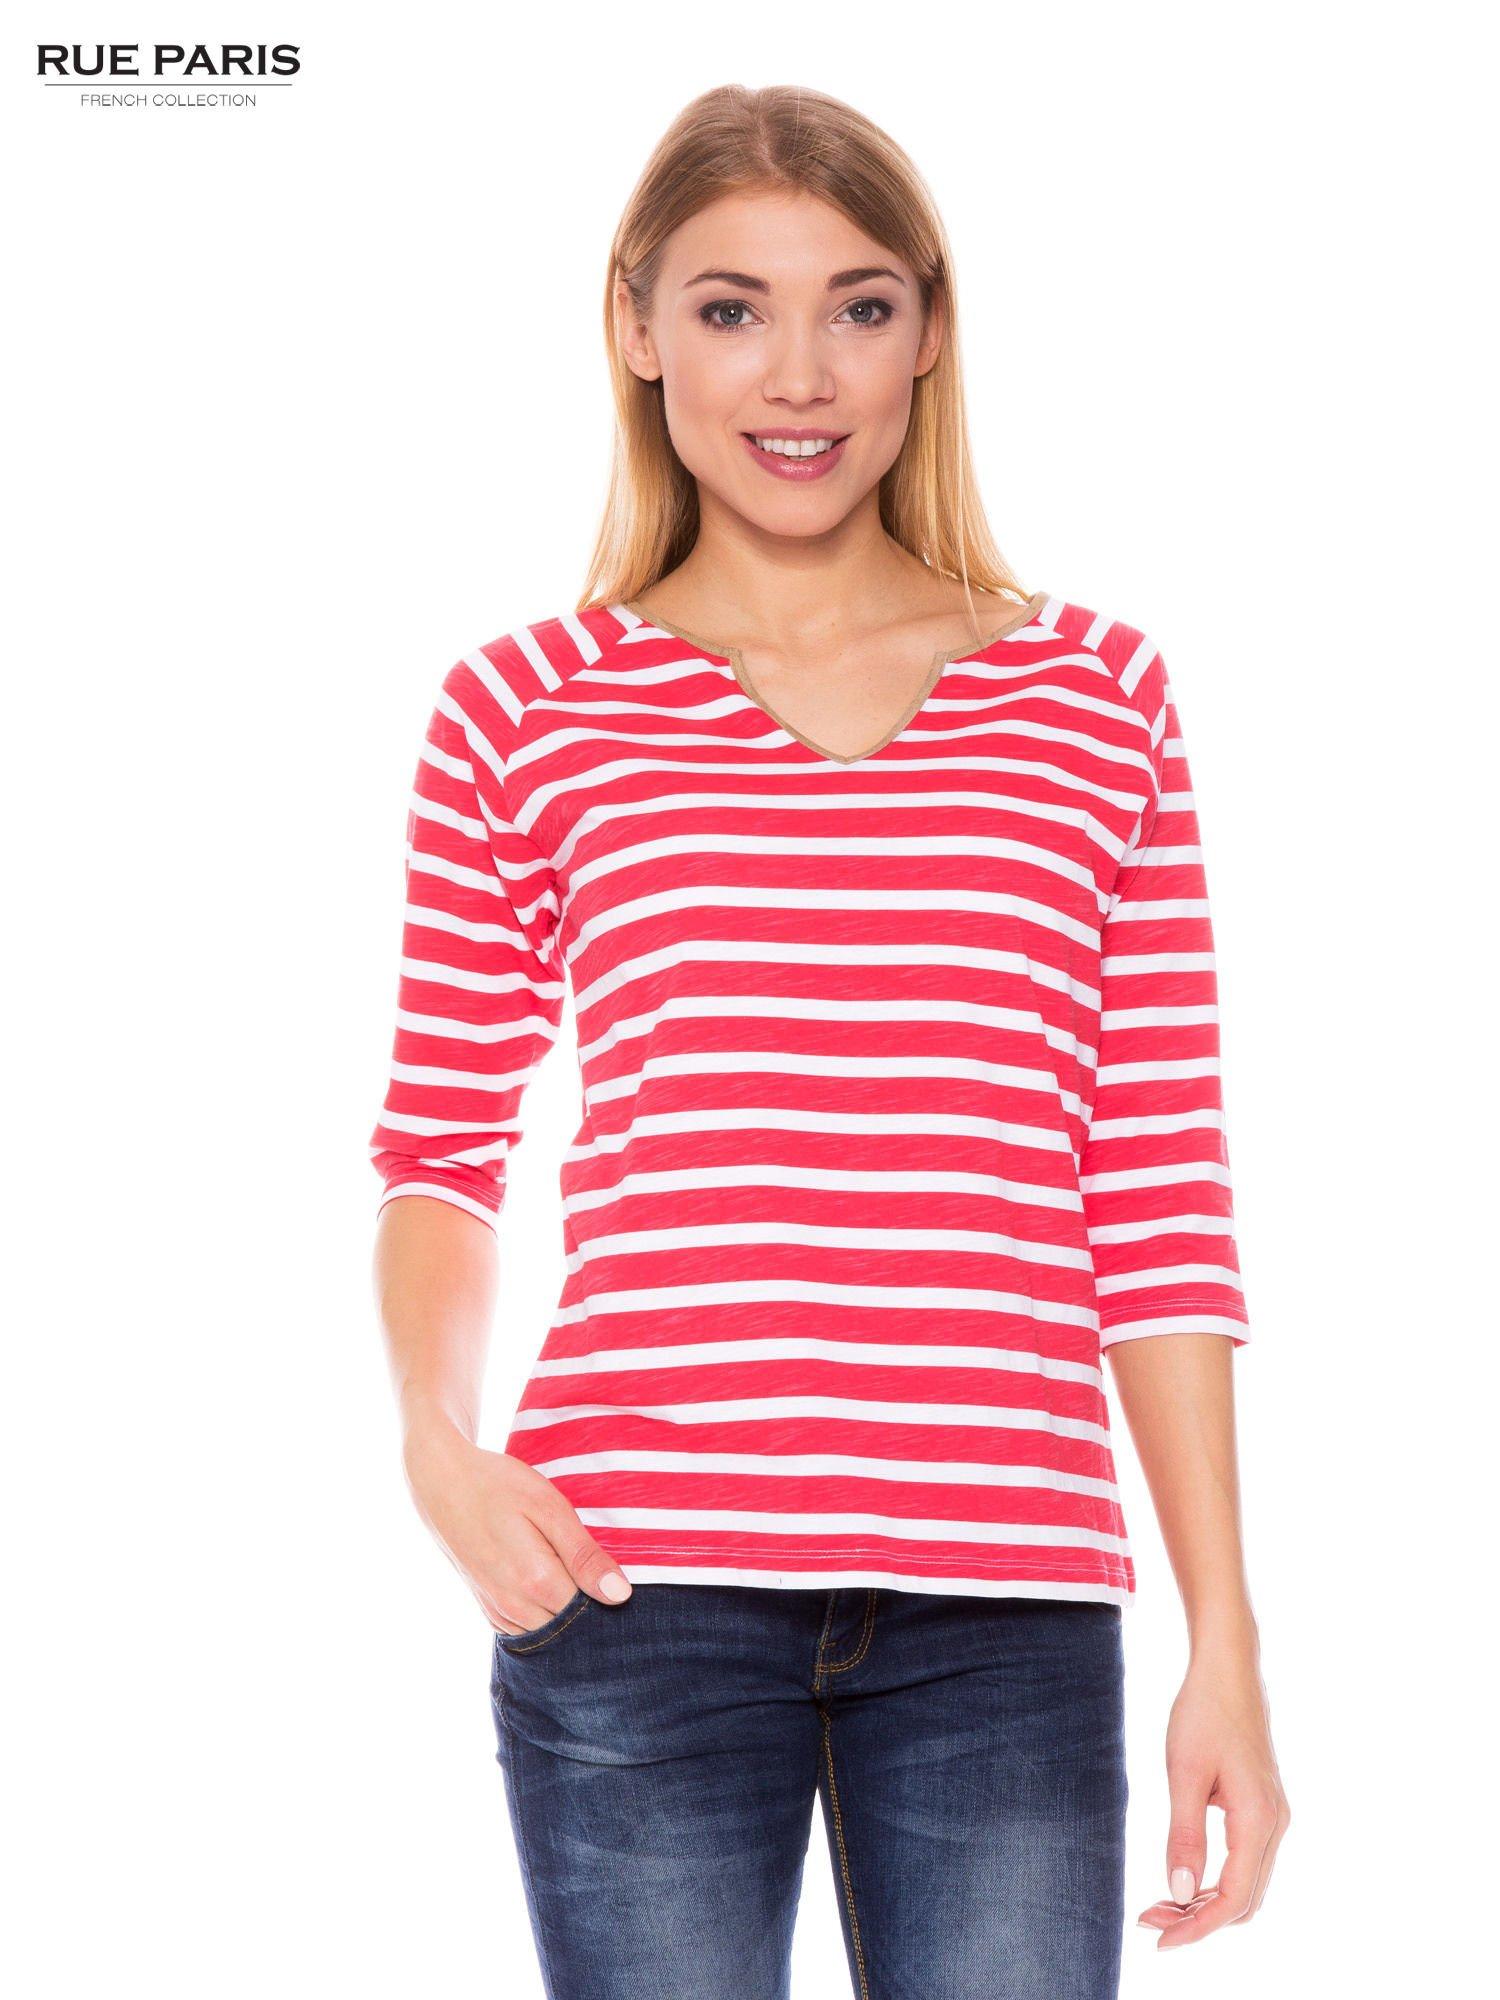 Bawełniana bluzka w biało-koralowe paski w stylu marynistycznym                                  zdj.                                  1